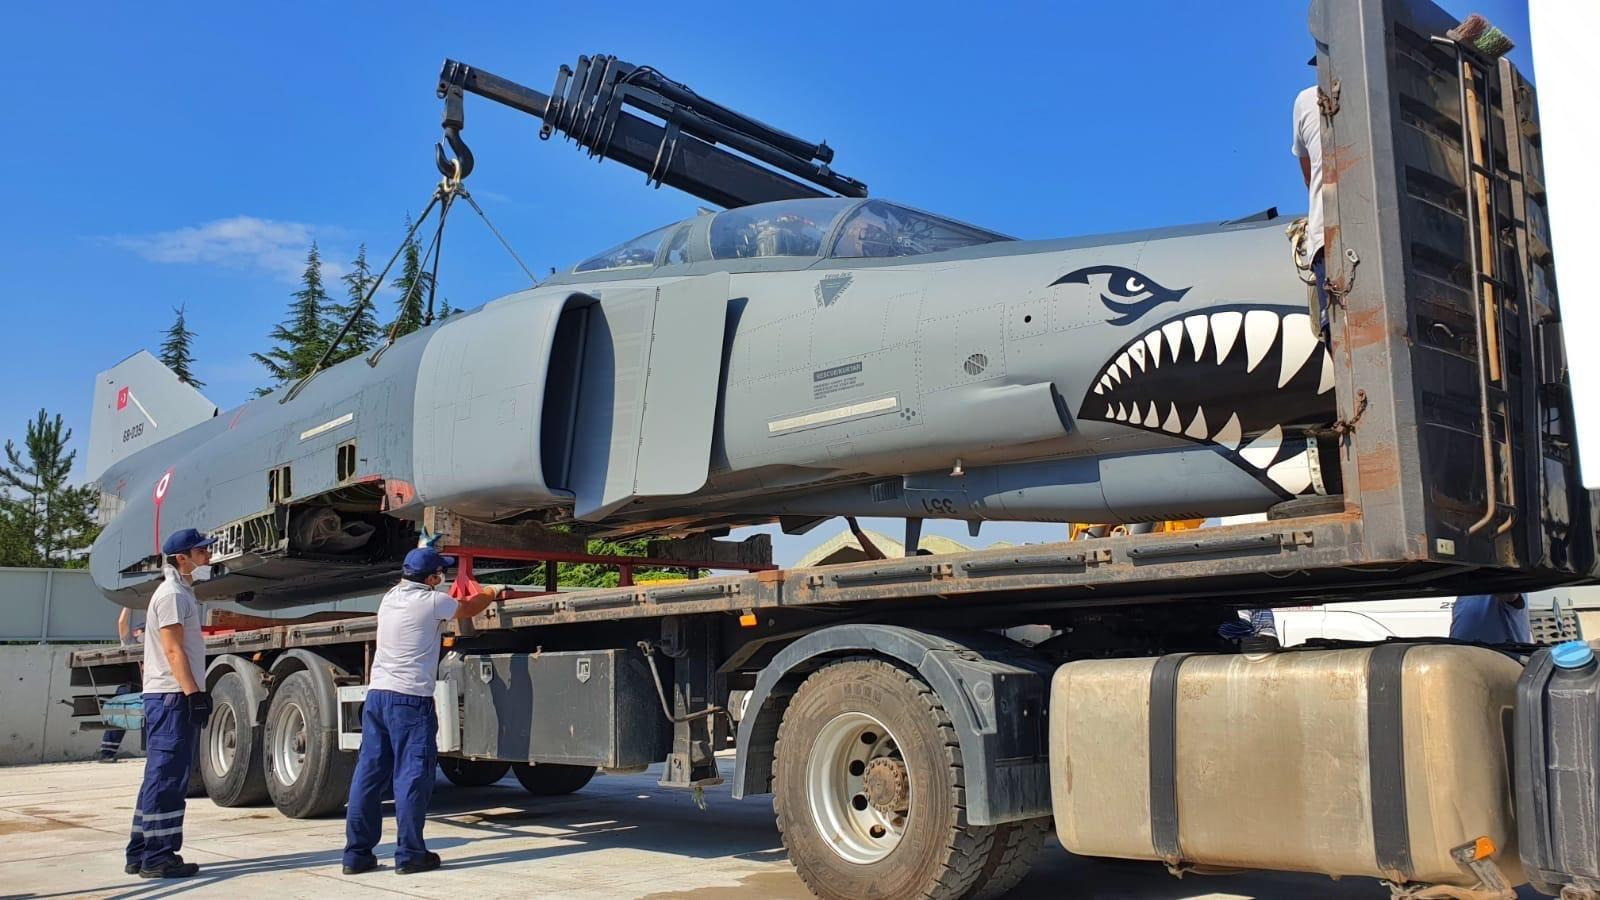 F-4E uçağı, eğitim faaliyetleri için liseye hibe edildi